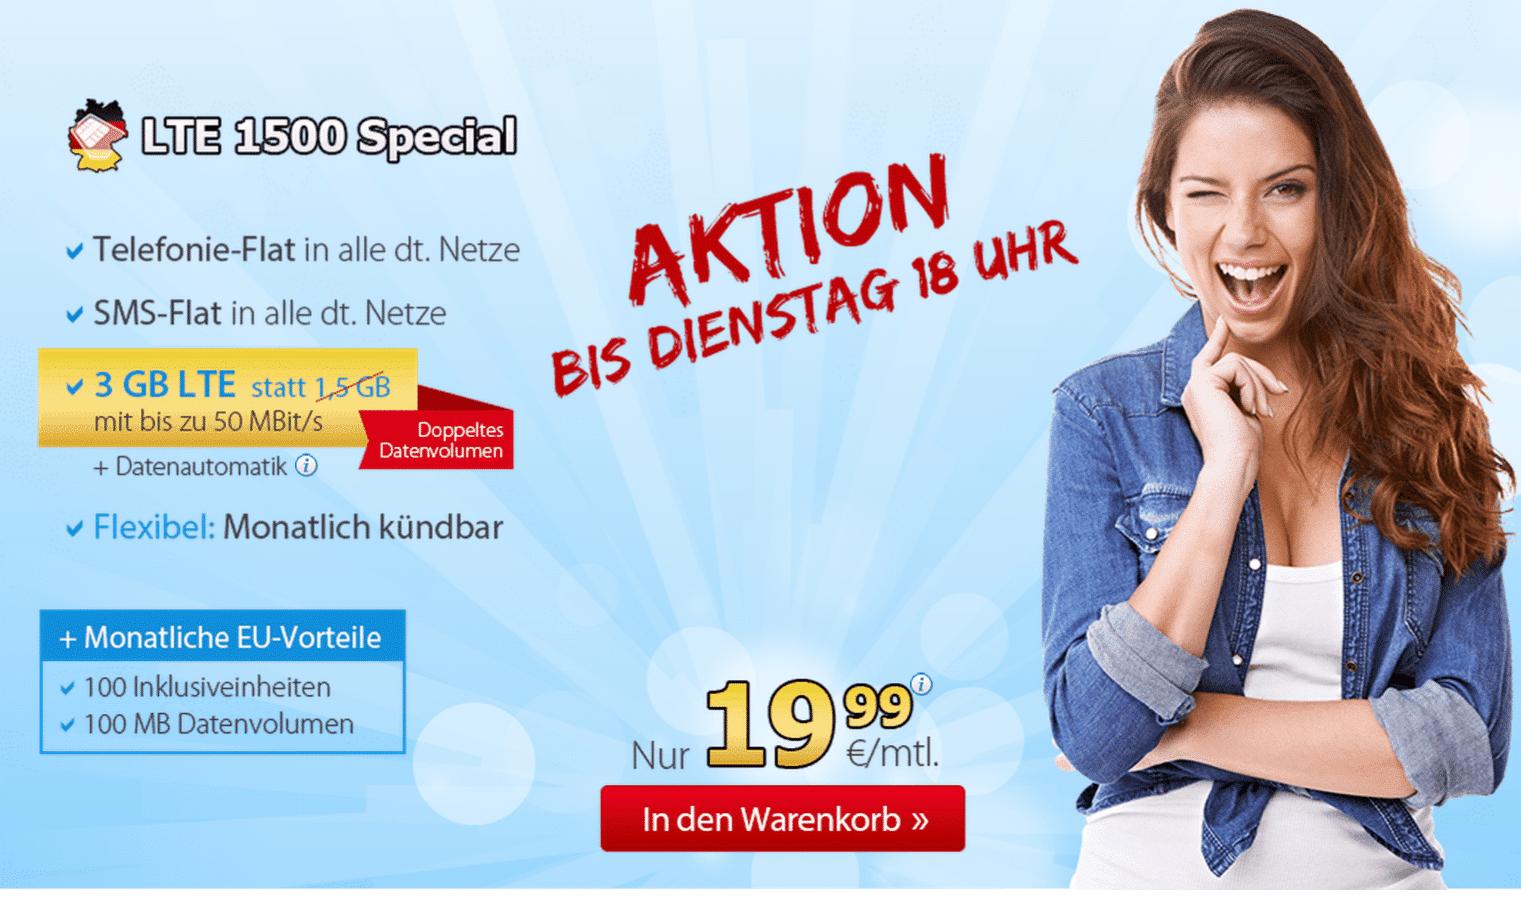 Photo of Extrem günstiger Allnet-Flat Tarif mit 3 GB LTE für nur 19,99 €